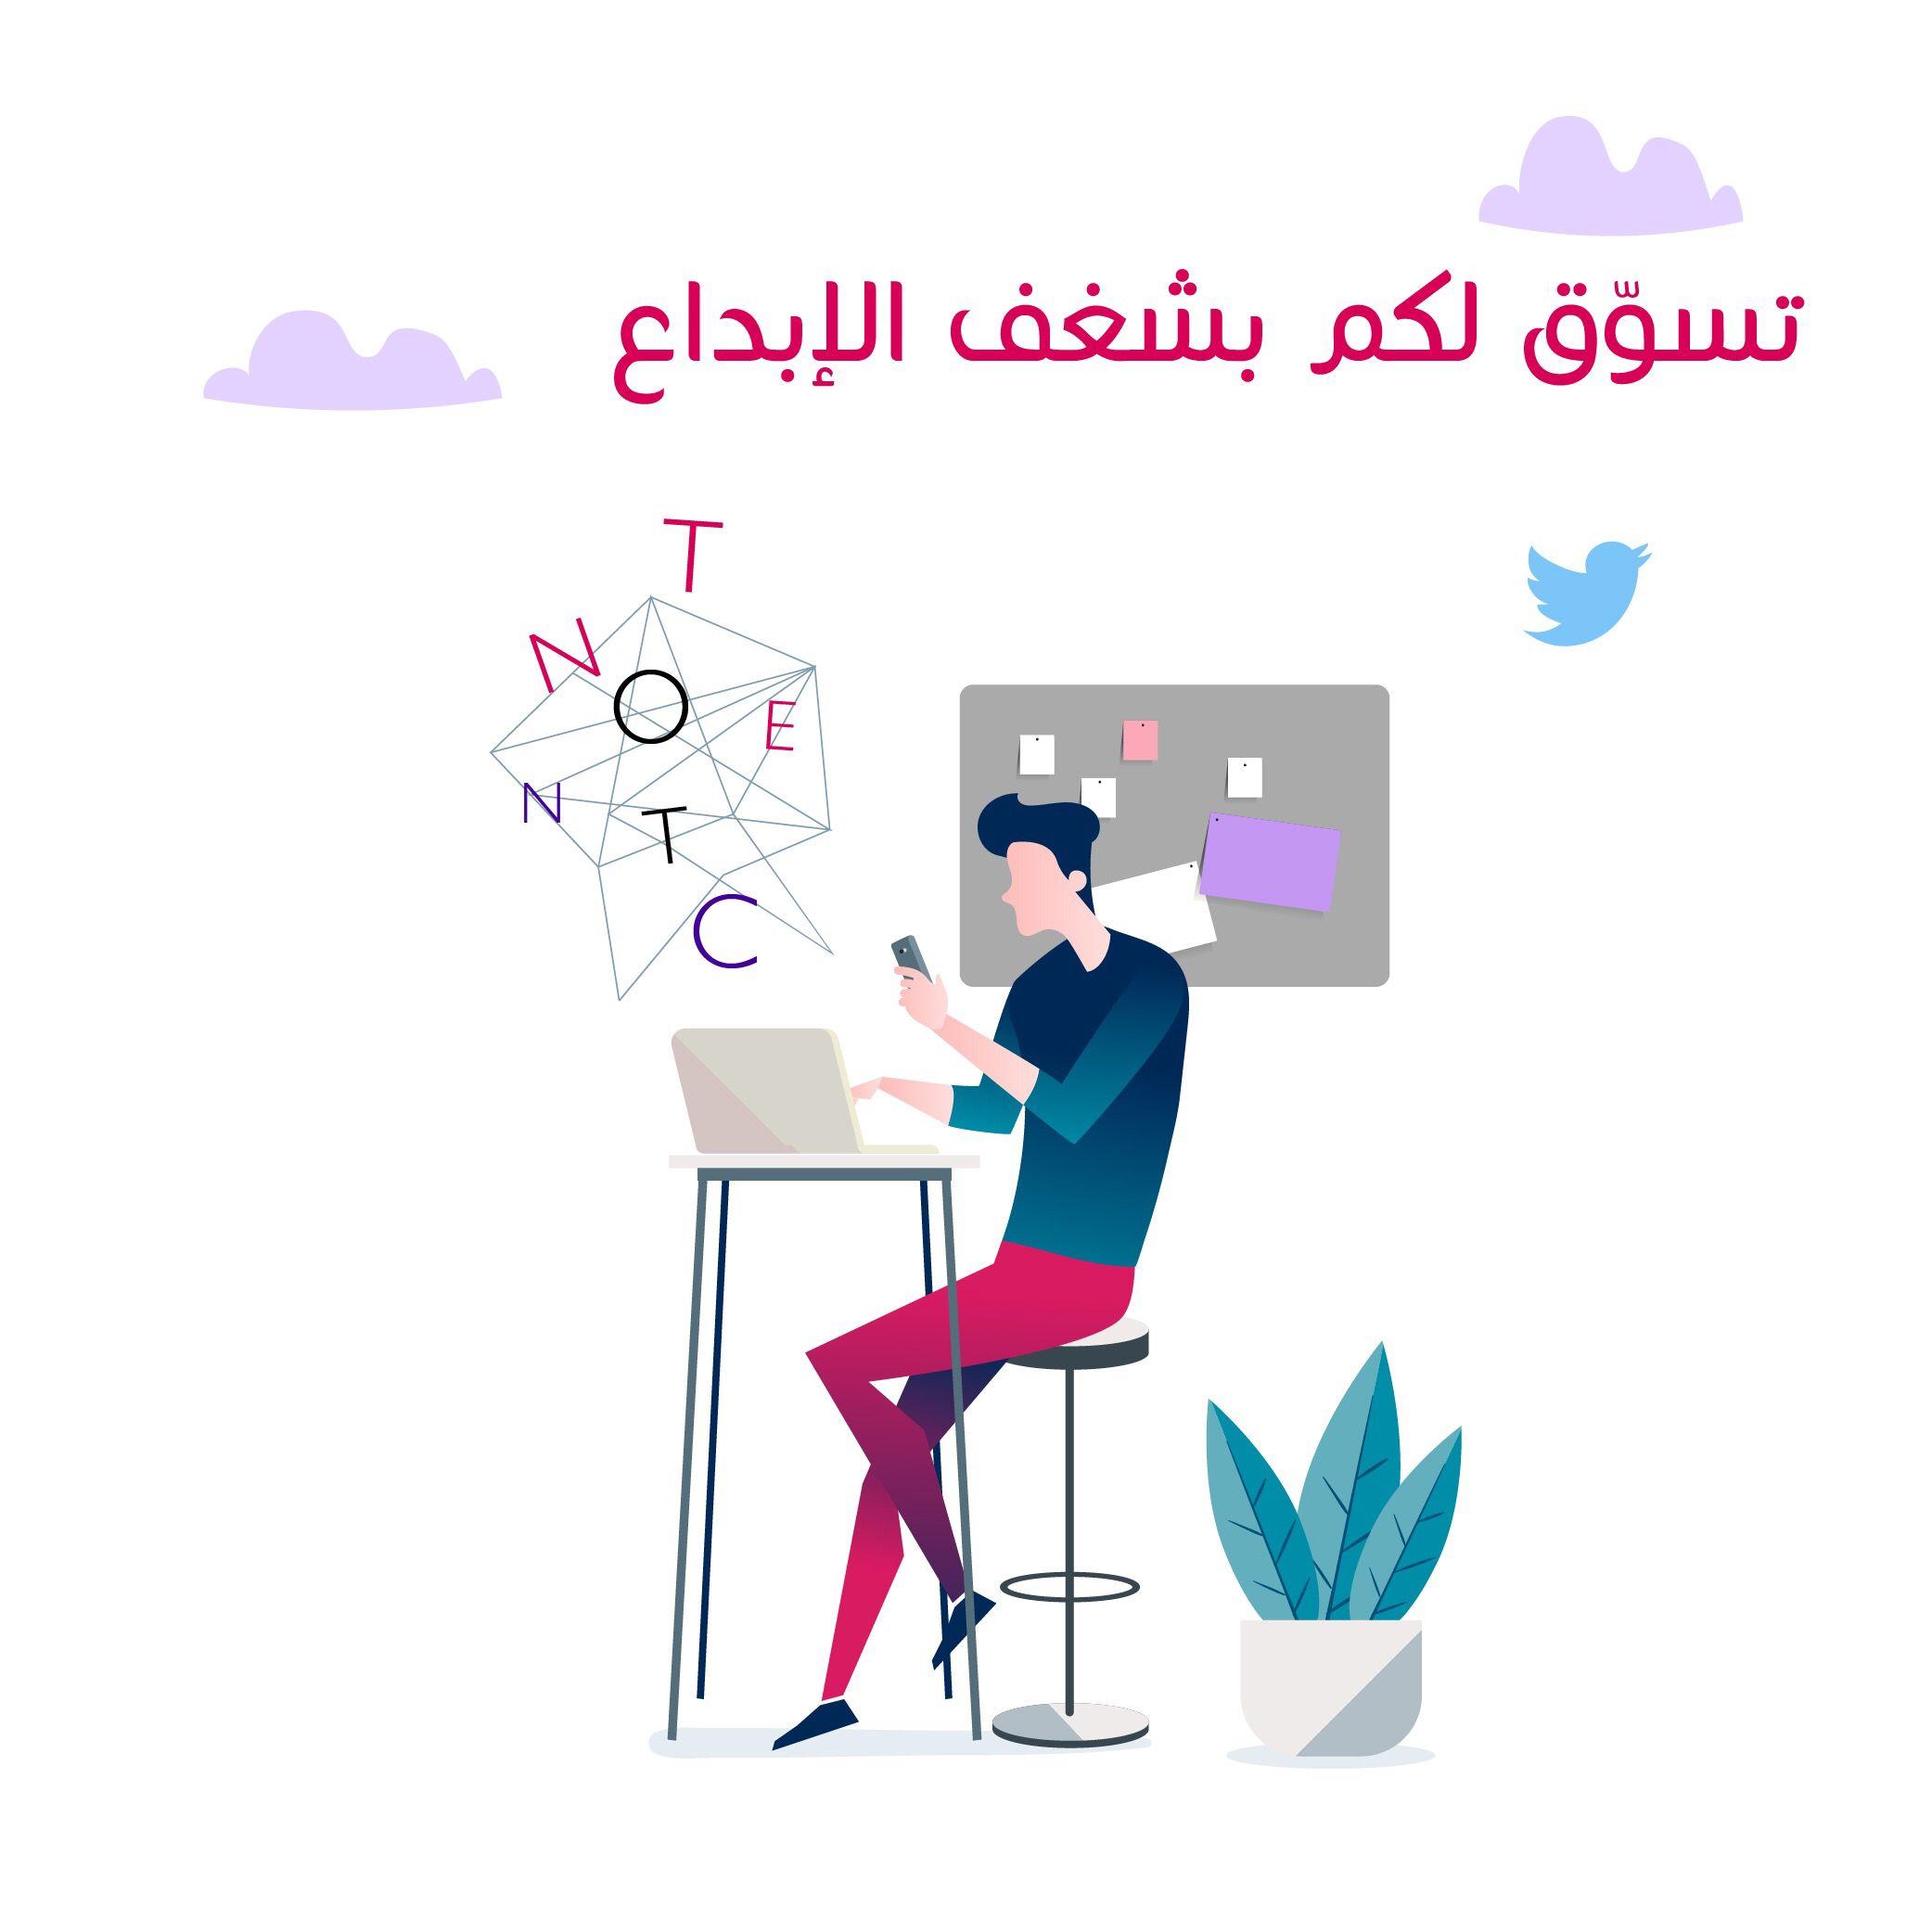 نبدع لنصل الى القمة وننطلق Jeddah Pixo Smart Communications Jeddah Sari Street Morjan C Home Decor Decals Home Decor Decor